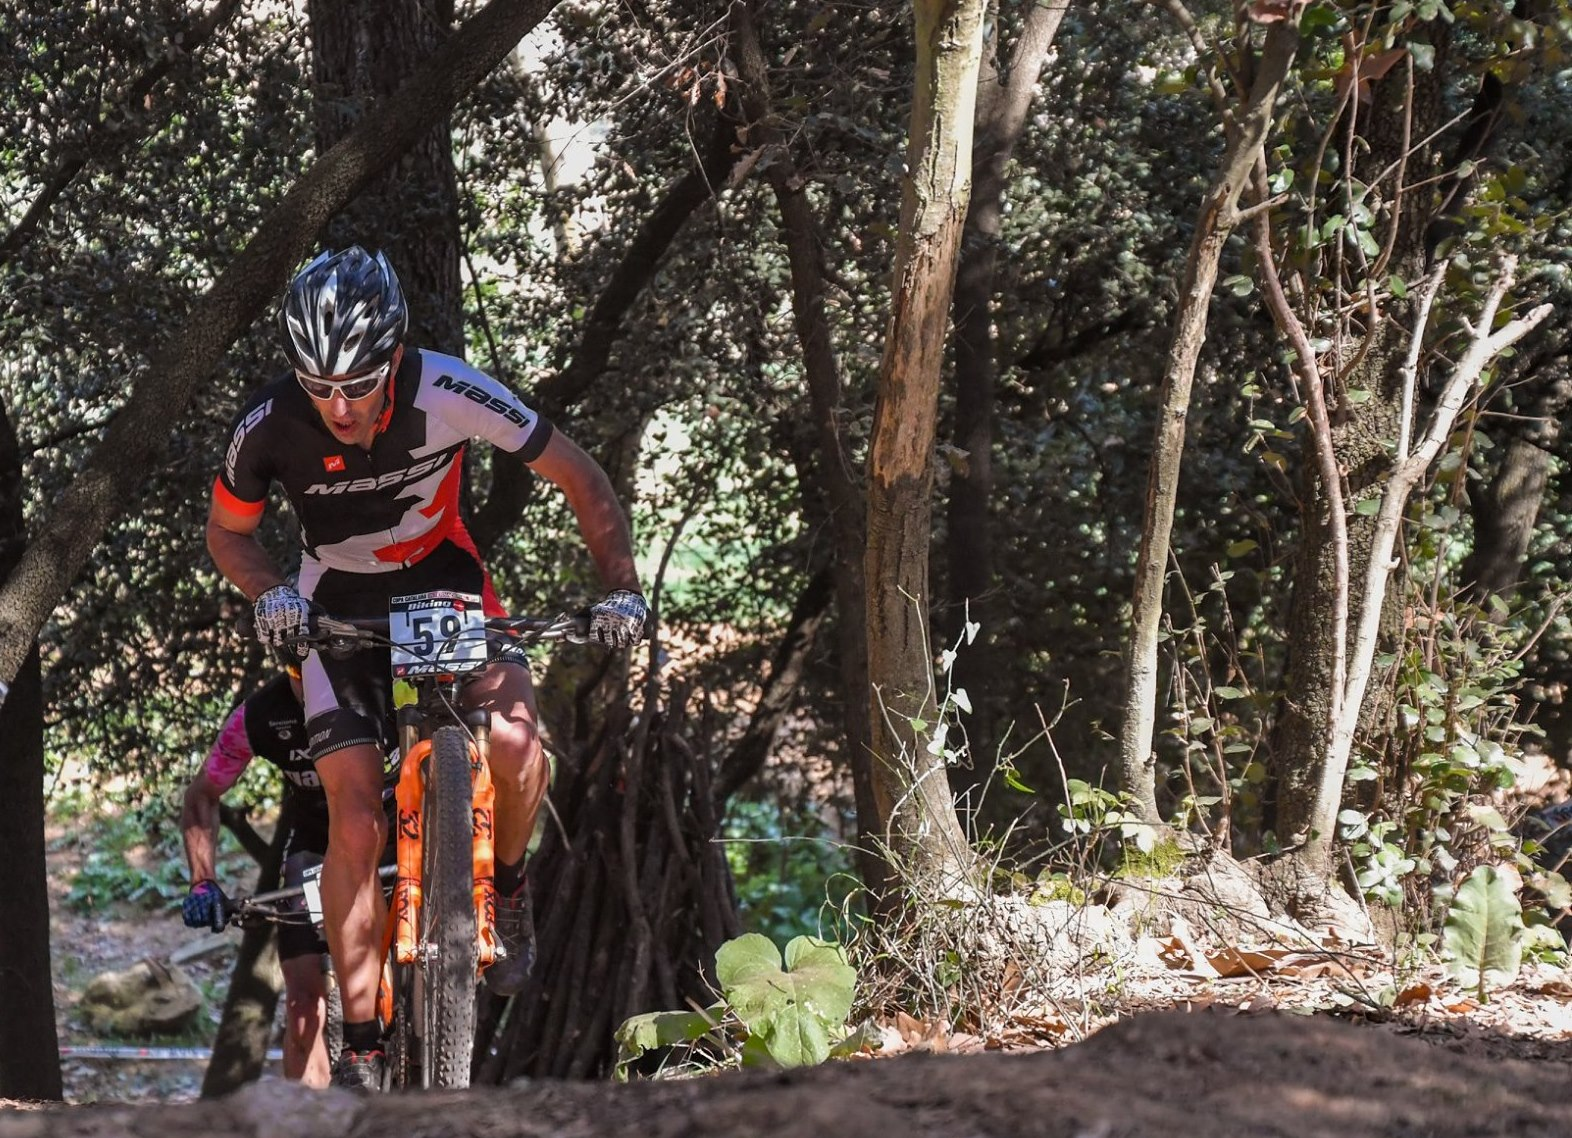 La Copa Catalana Internacional Biking Point 2019 cerrará por todo lo alto en Igualada, el 22 de septiembre